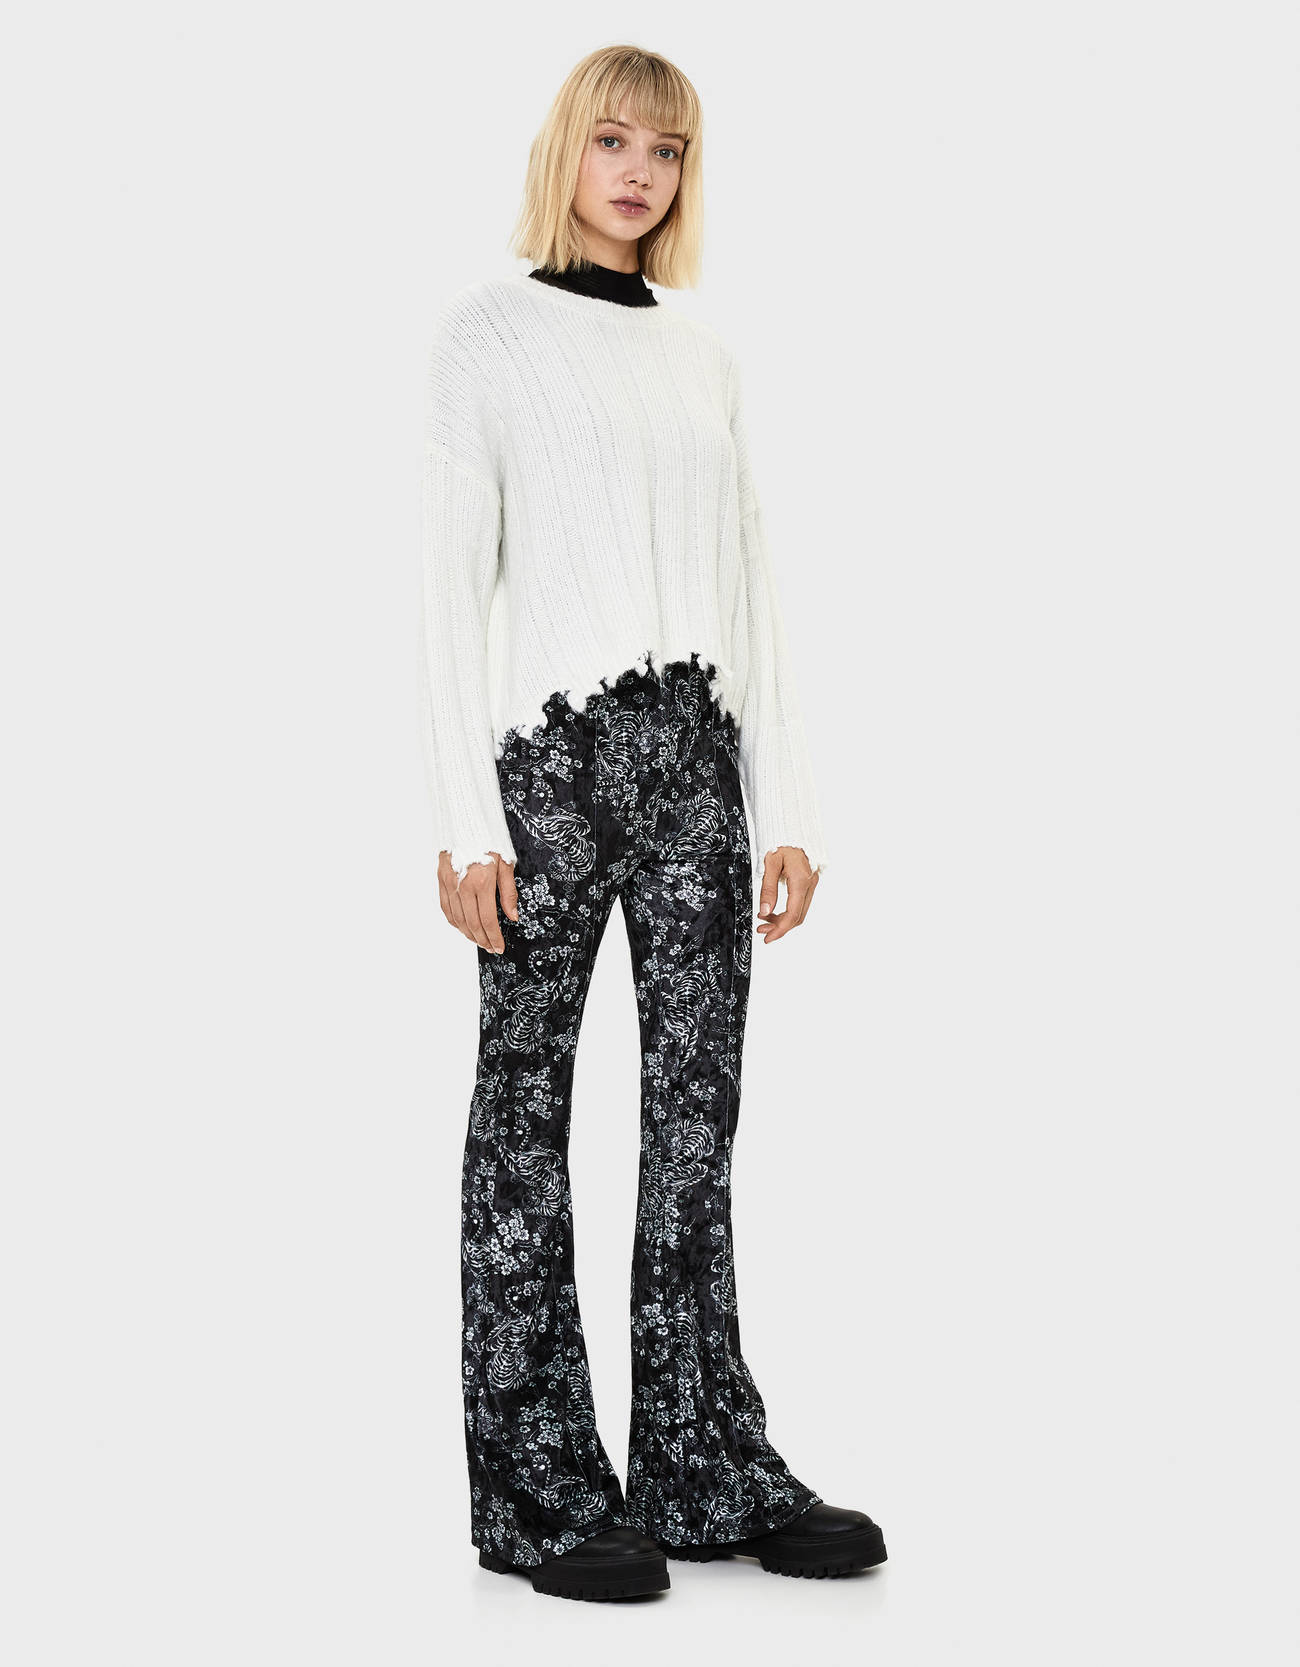 Расклешенные брюки из бархата с принтом Черный Bershka